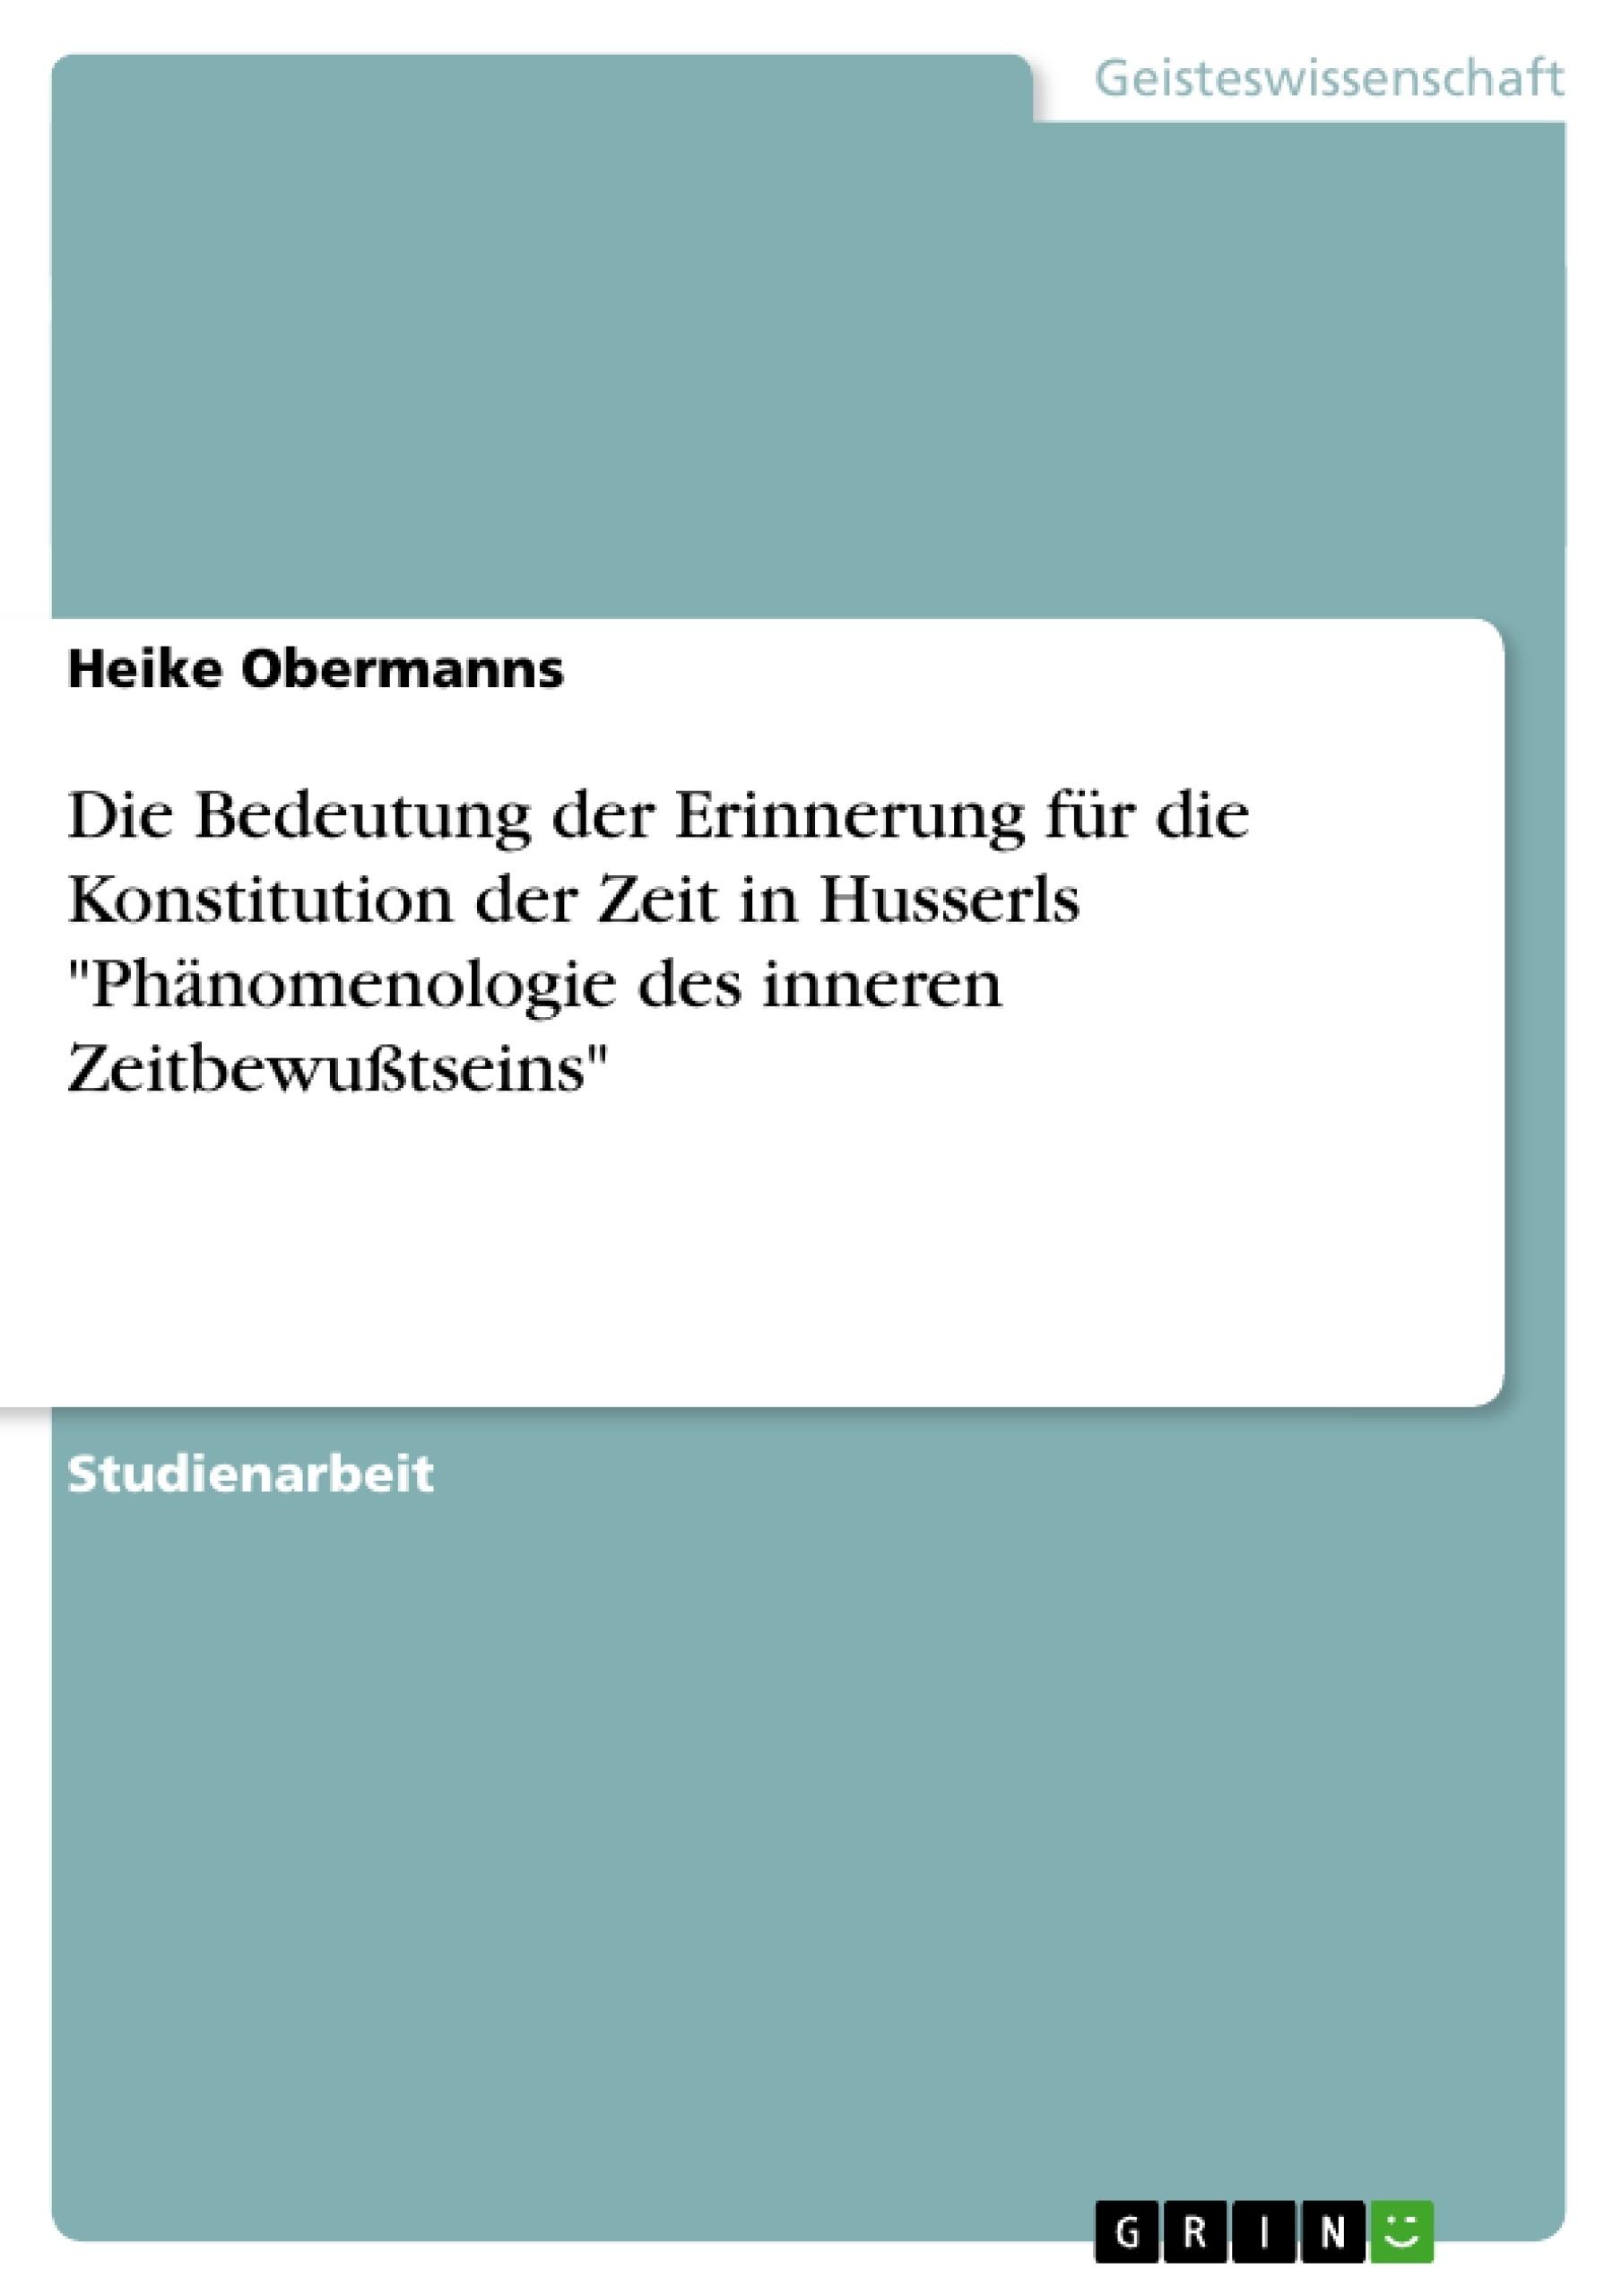 """Titel: Die Bedeutung der Erinnerung für die Konstitution der Zeit in Husserls """"Phänomenologie des inneren Zeitbewußtseins"""""""